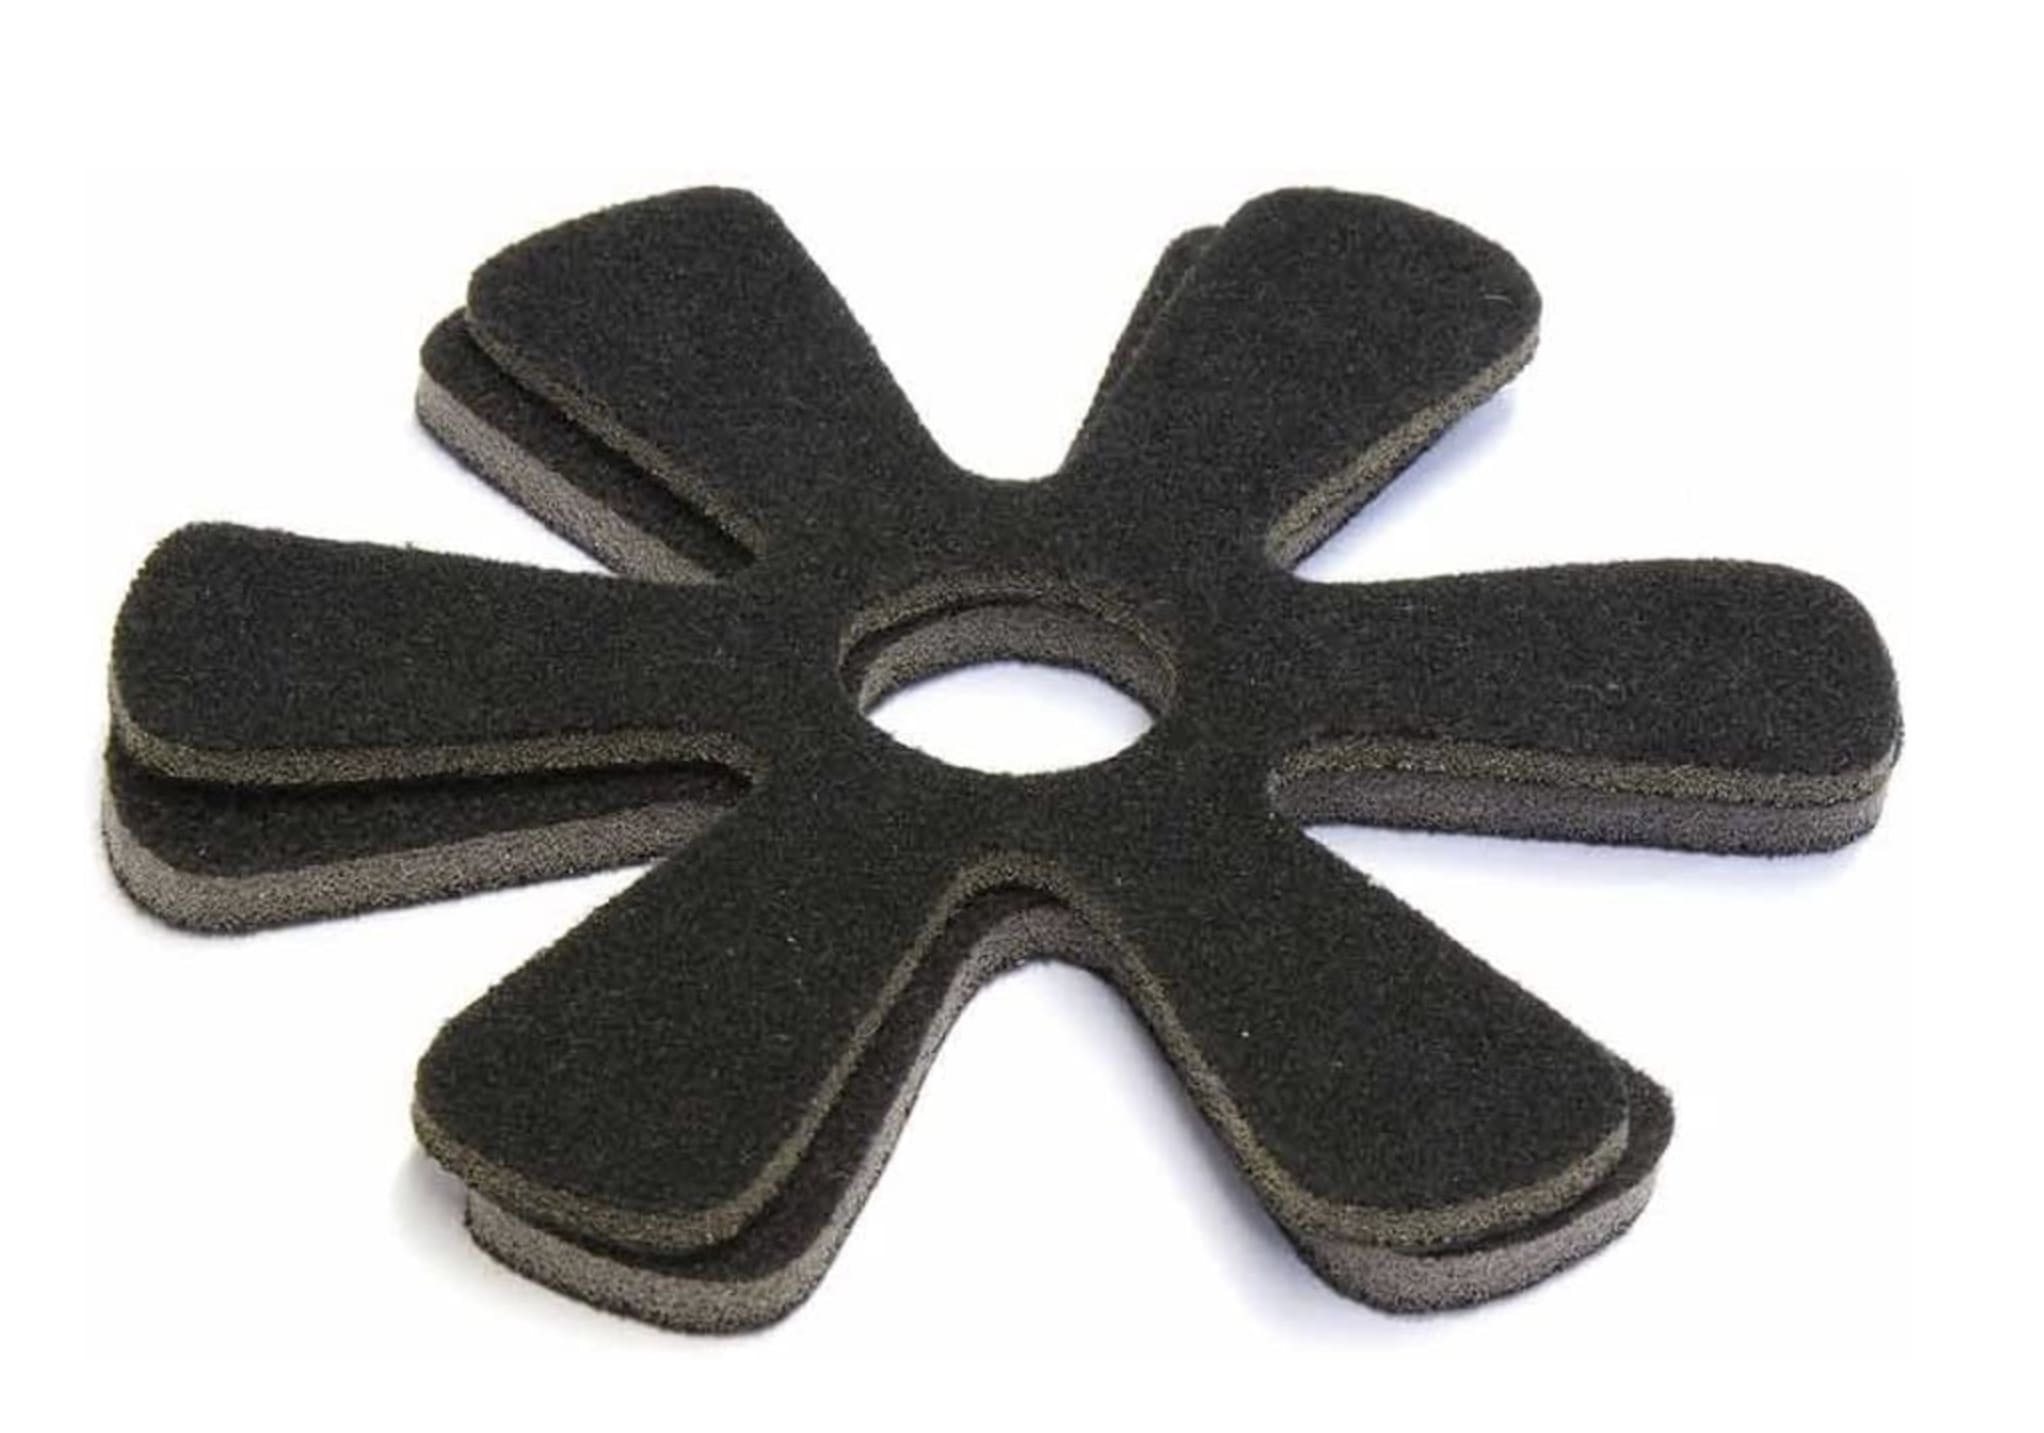 almohadillas internas de ajuste de tamaño del casco infantil Nutcase Little Nutty